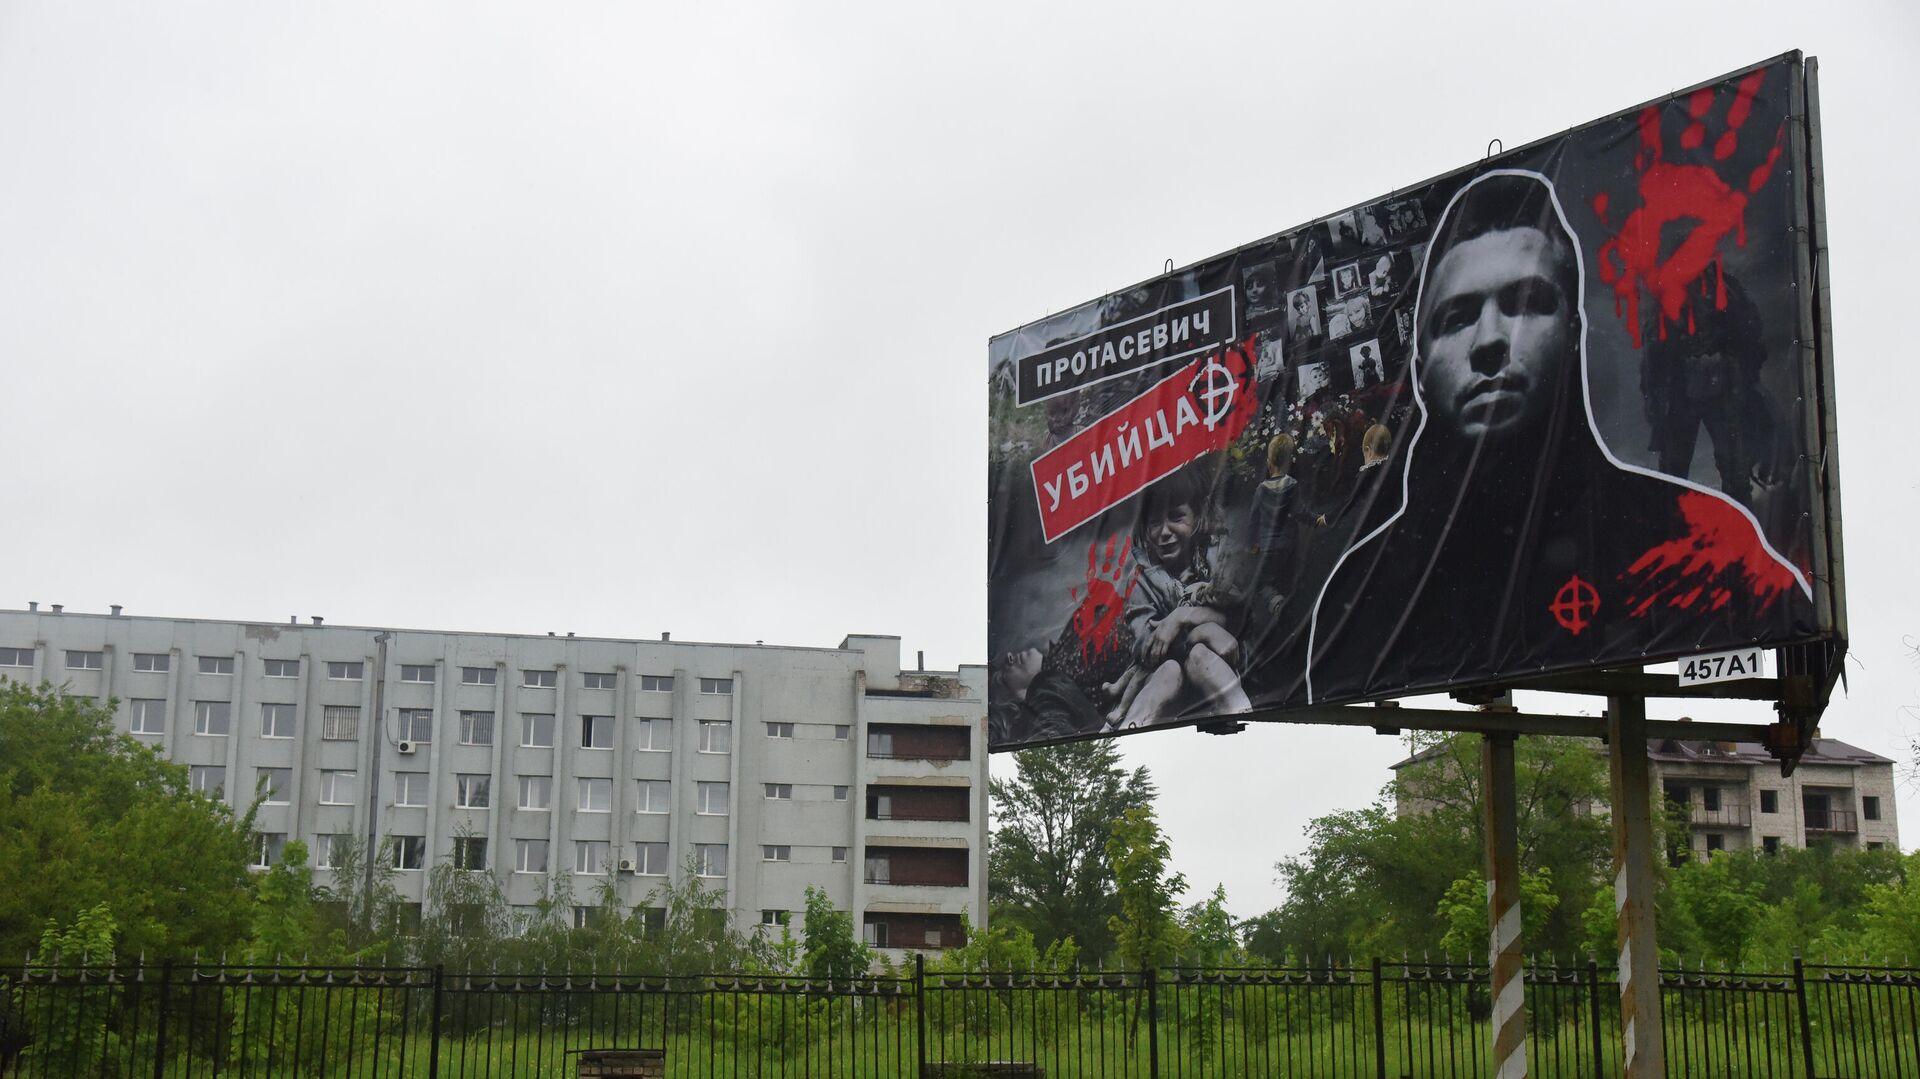 В ЛНР появились явились билборды с изображением Протасевича - РИА Новости, 1920, 16.06.2021